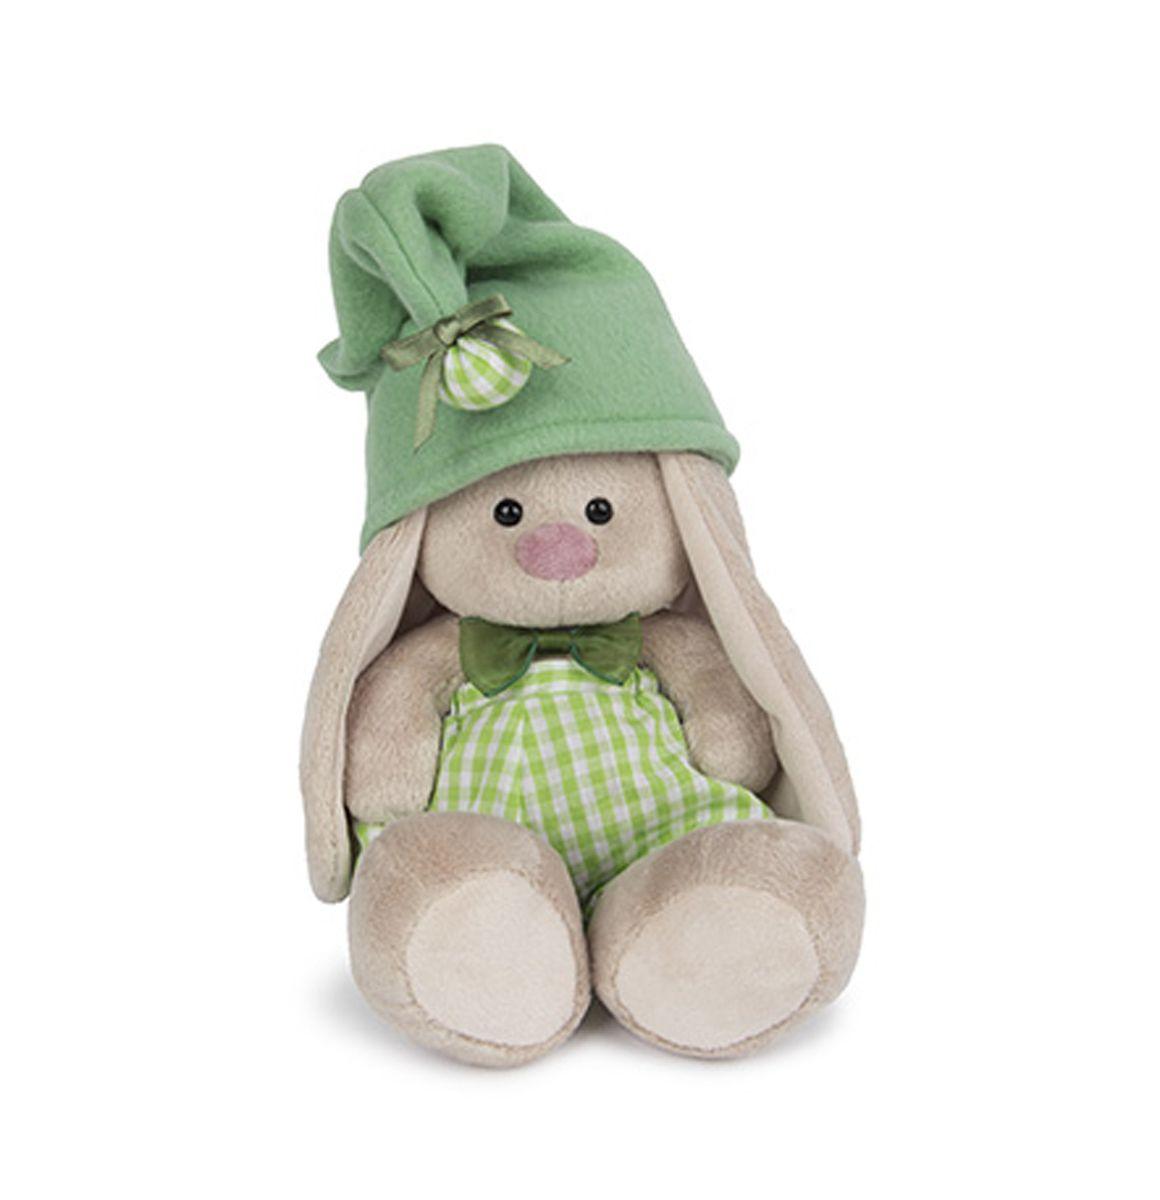 Мягкая игрушка Зайка Ми Гномик в зеленом 15 смSidX-116Зайка в зеленых х/б панталончиках в клетку и мягком, зеленом колпачке из флиса с помпоном. Также на Зайке зеленый бантик из органзы.